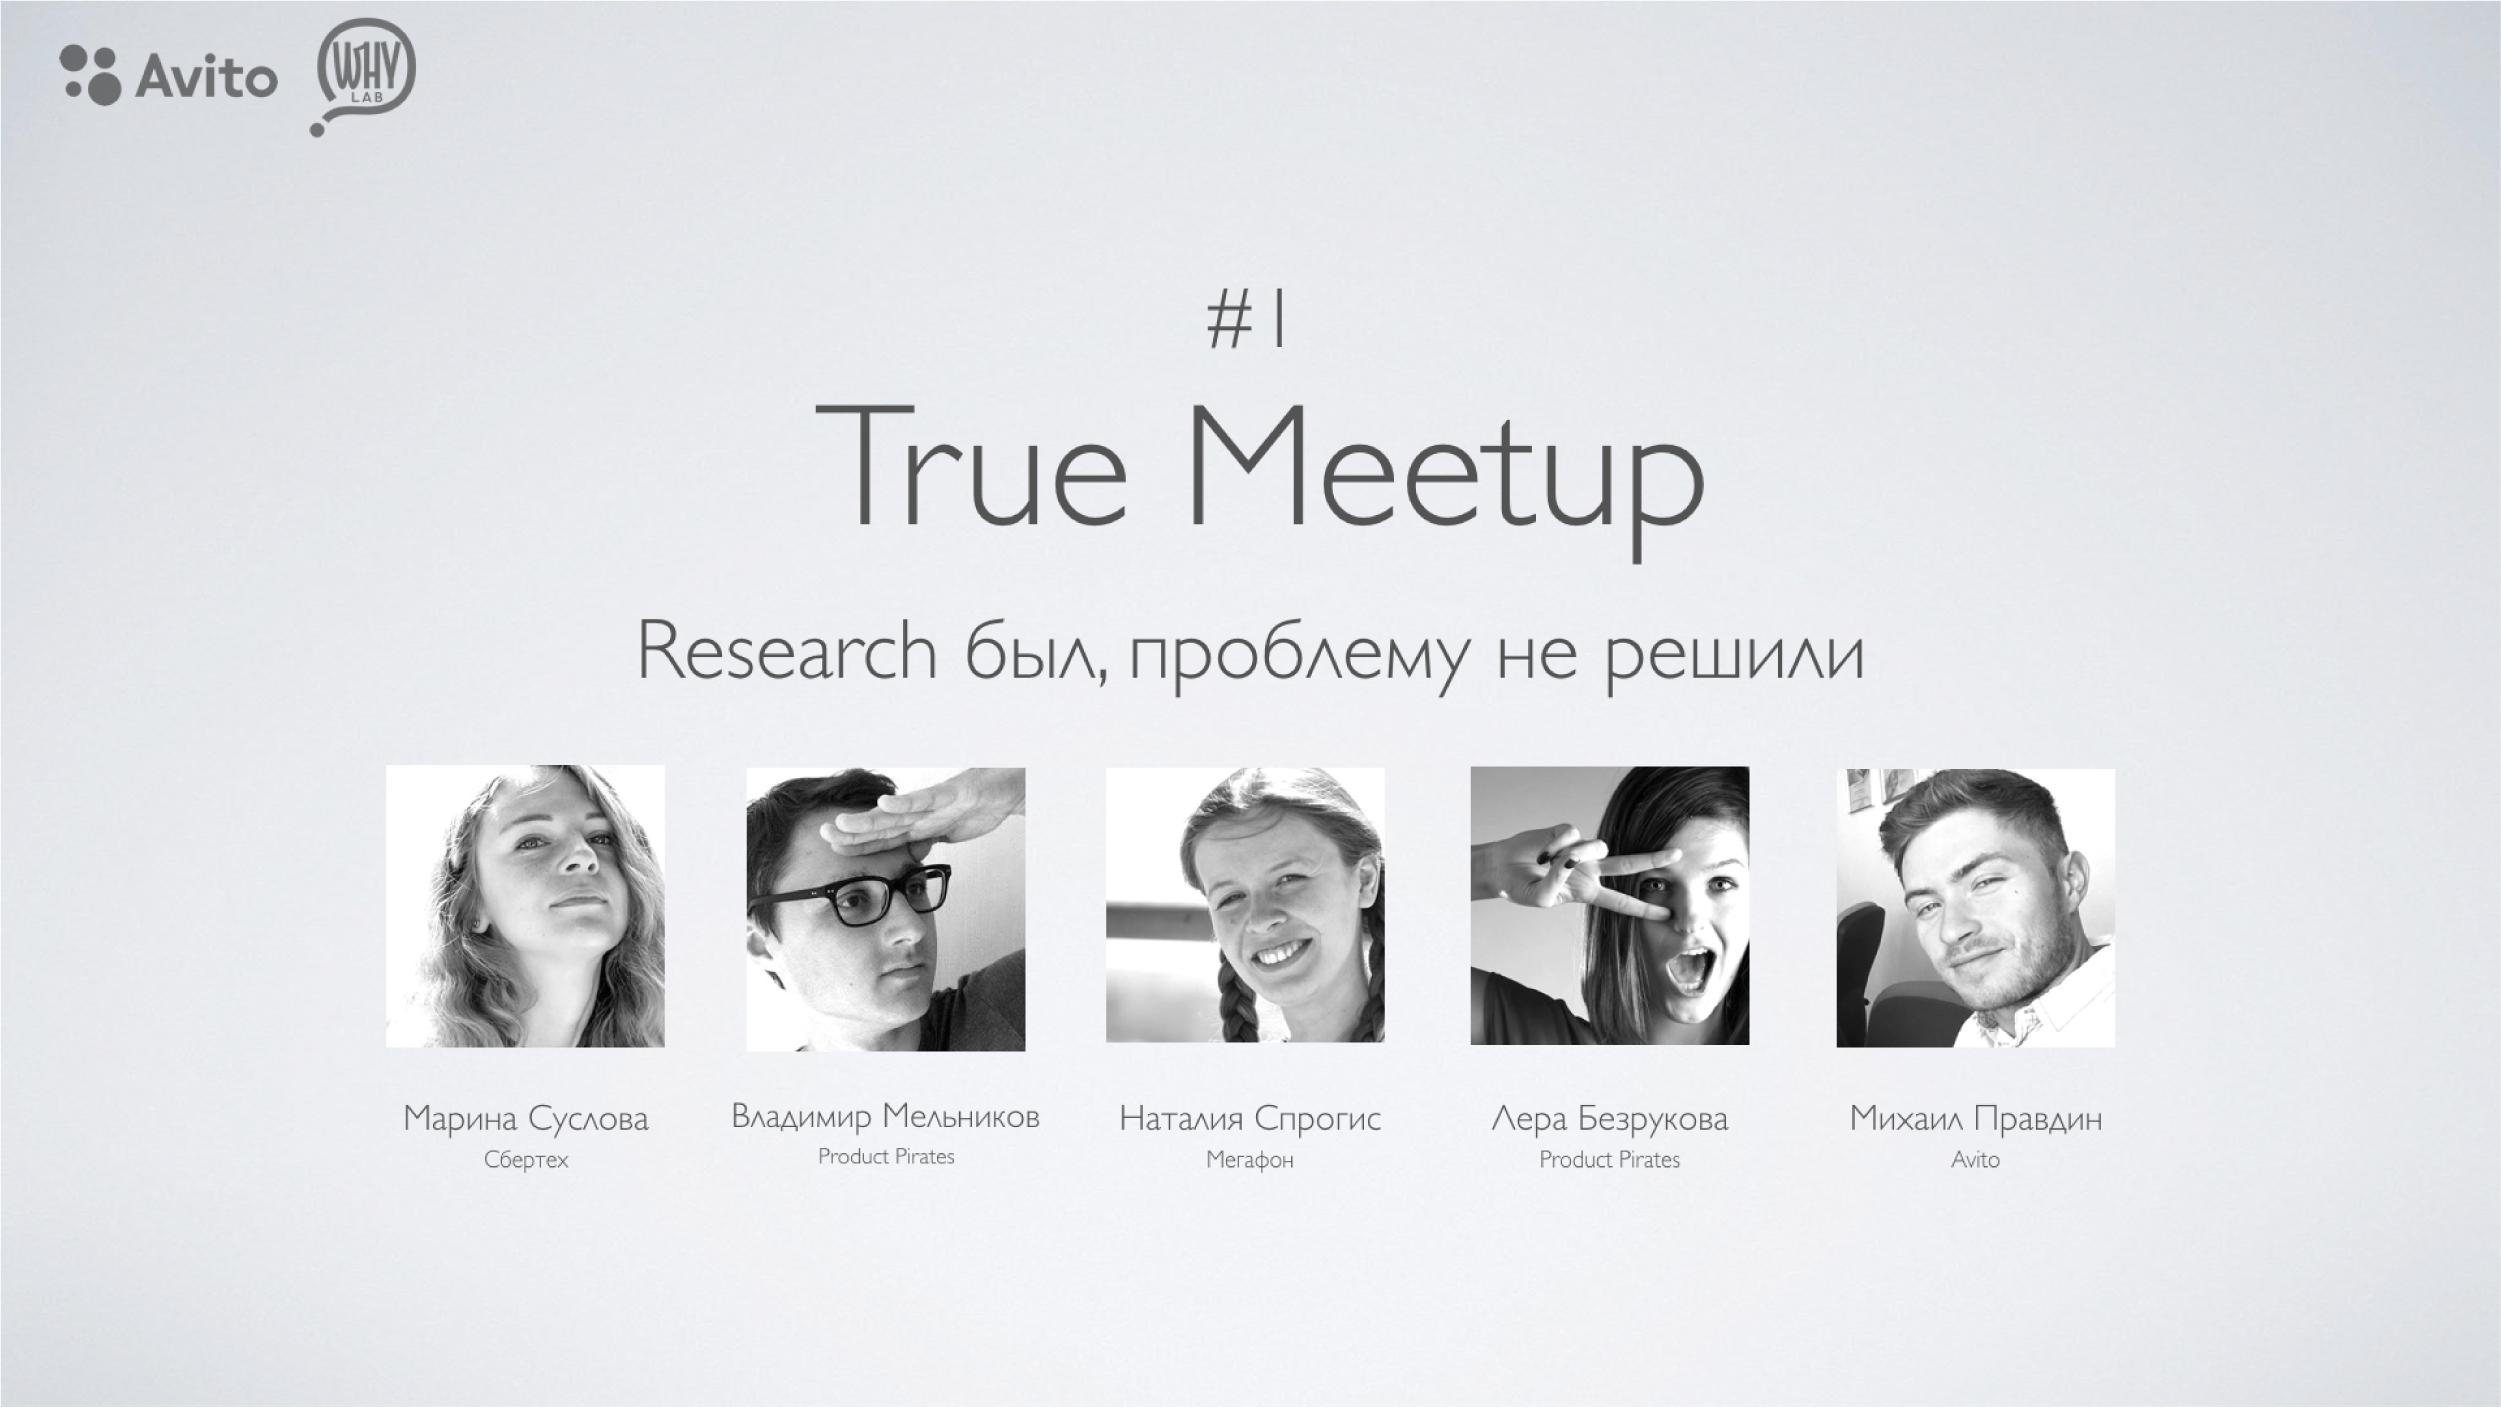 True Meetup #1: Research был, проблему не решили